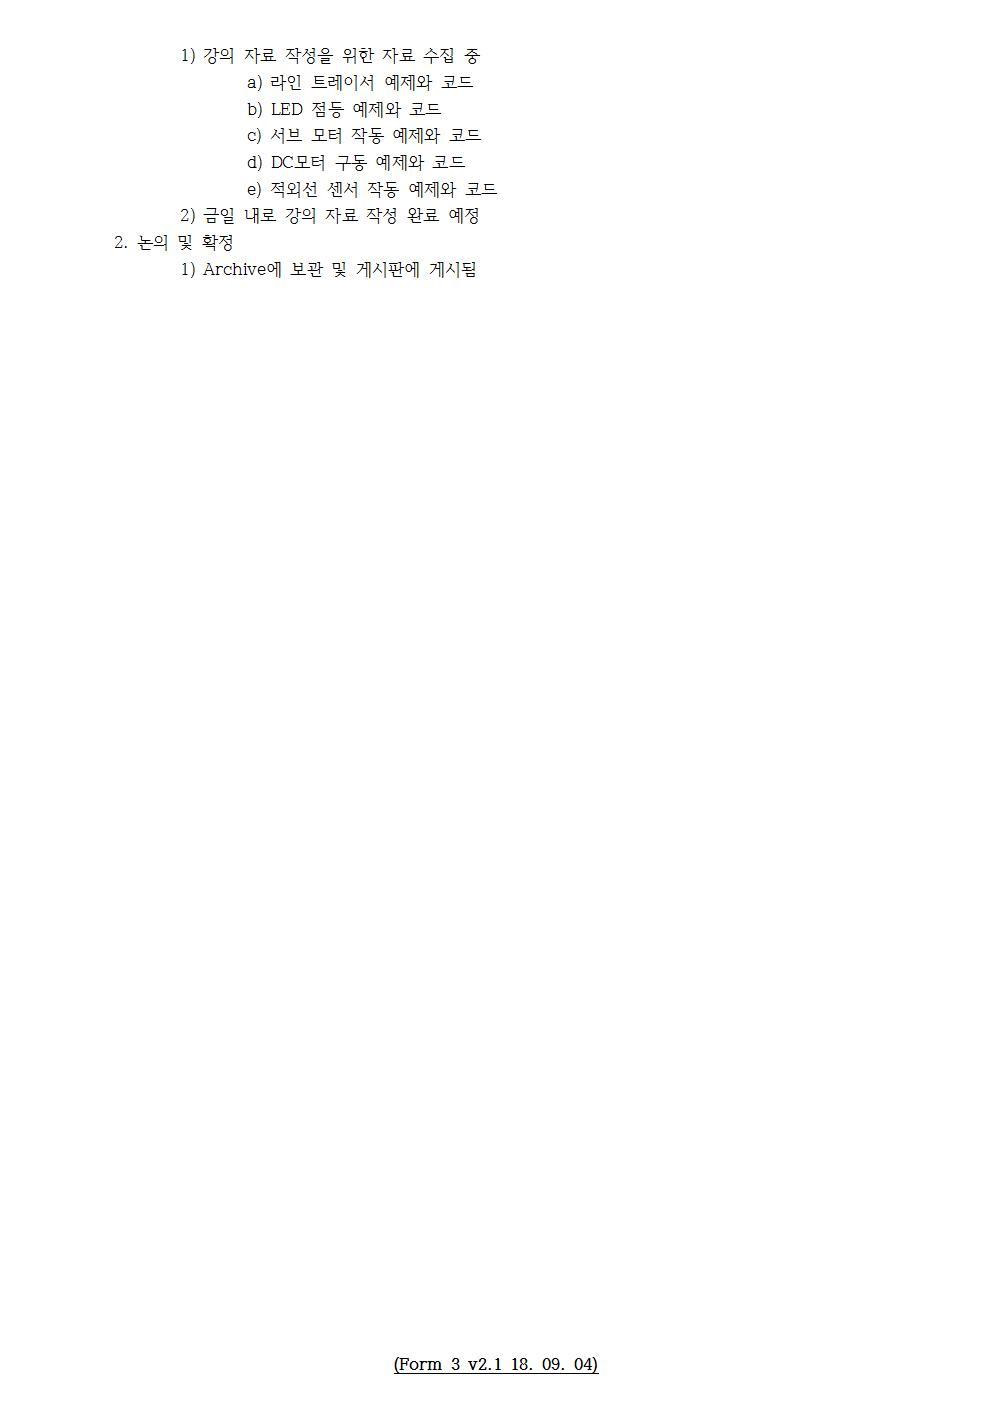 D-[18-048-LC-01]-[SE]-[2018-10-04][SH]002.jpg